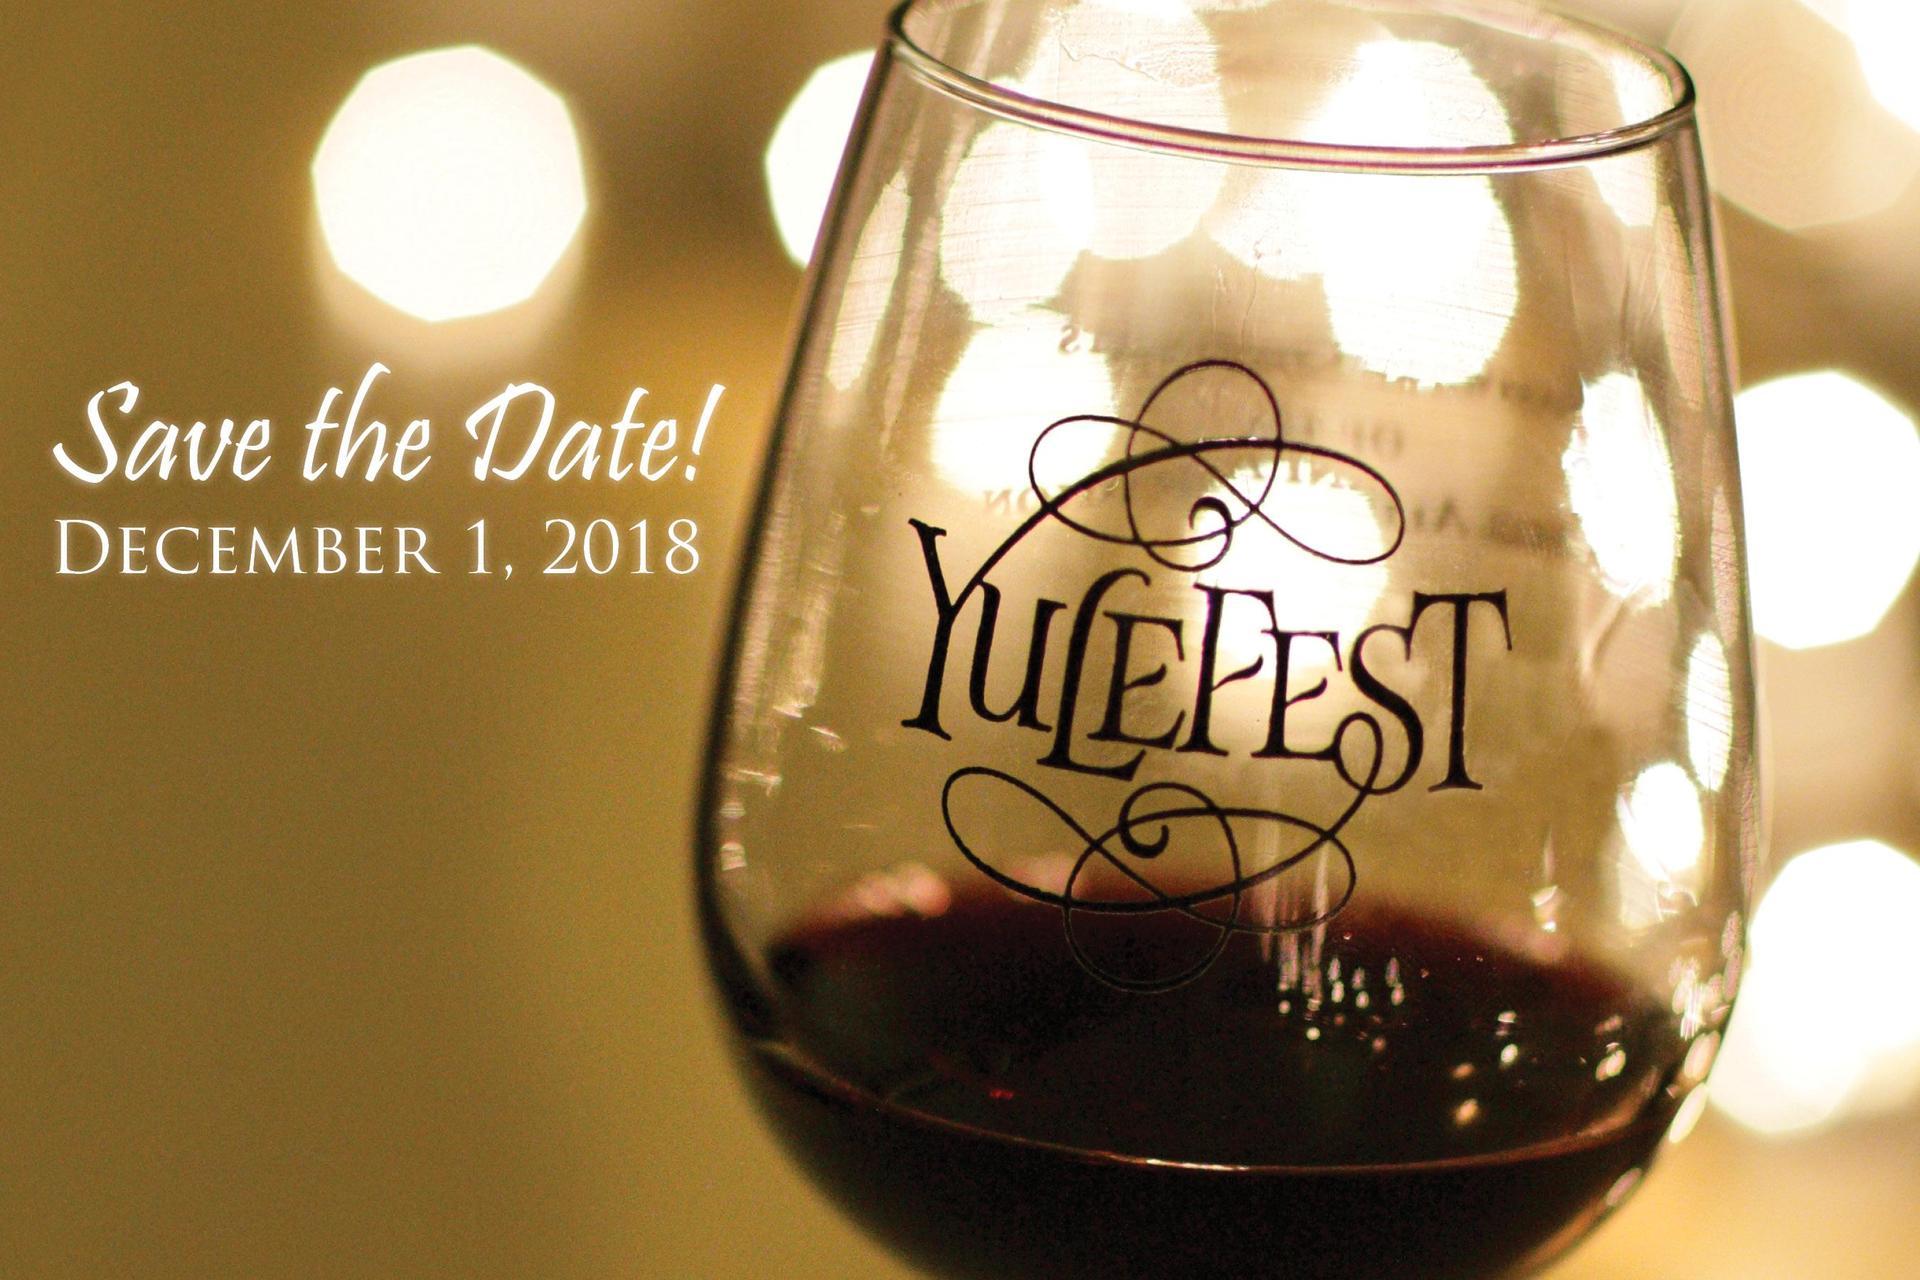 wine glass with Yulefest logo